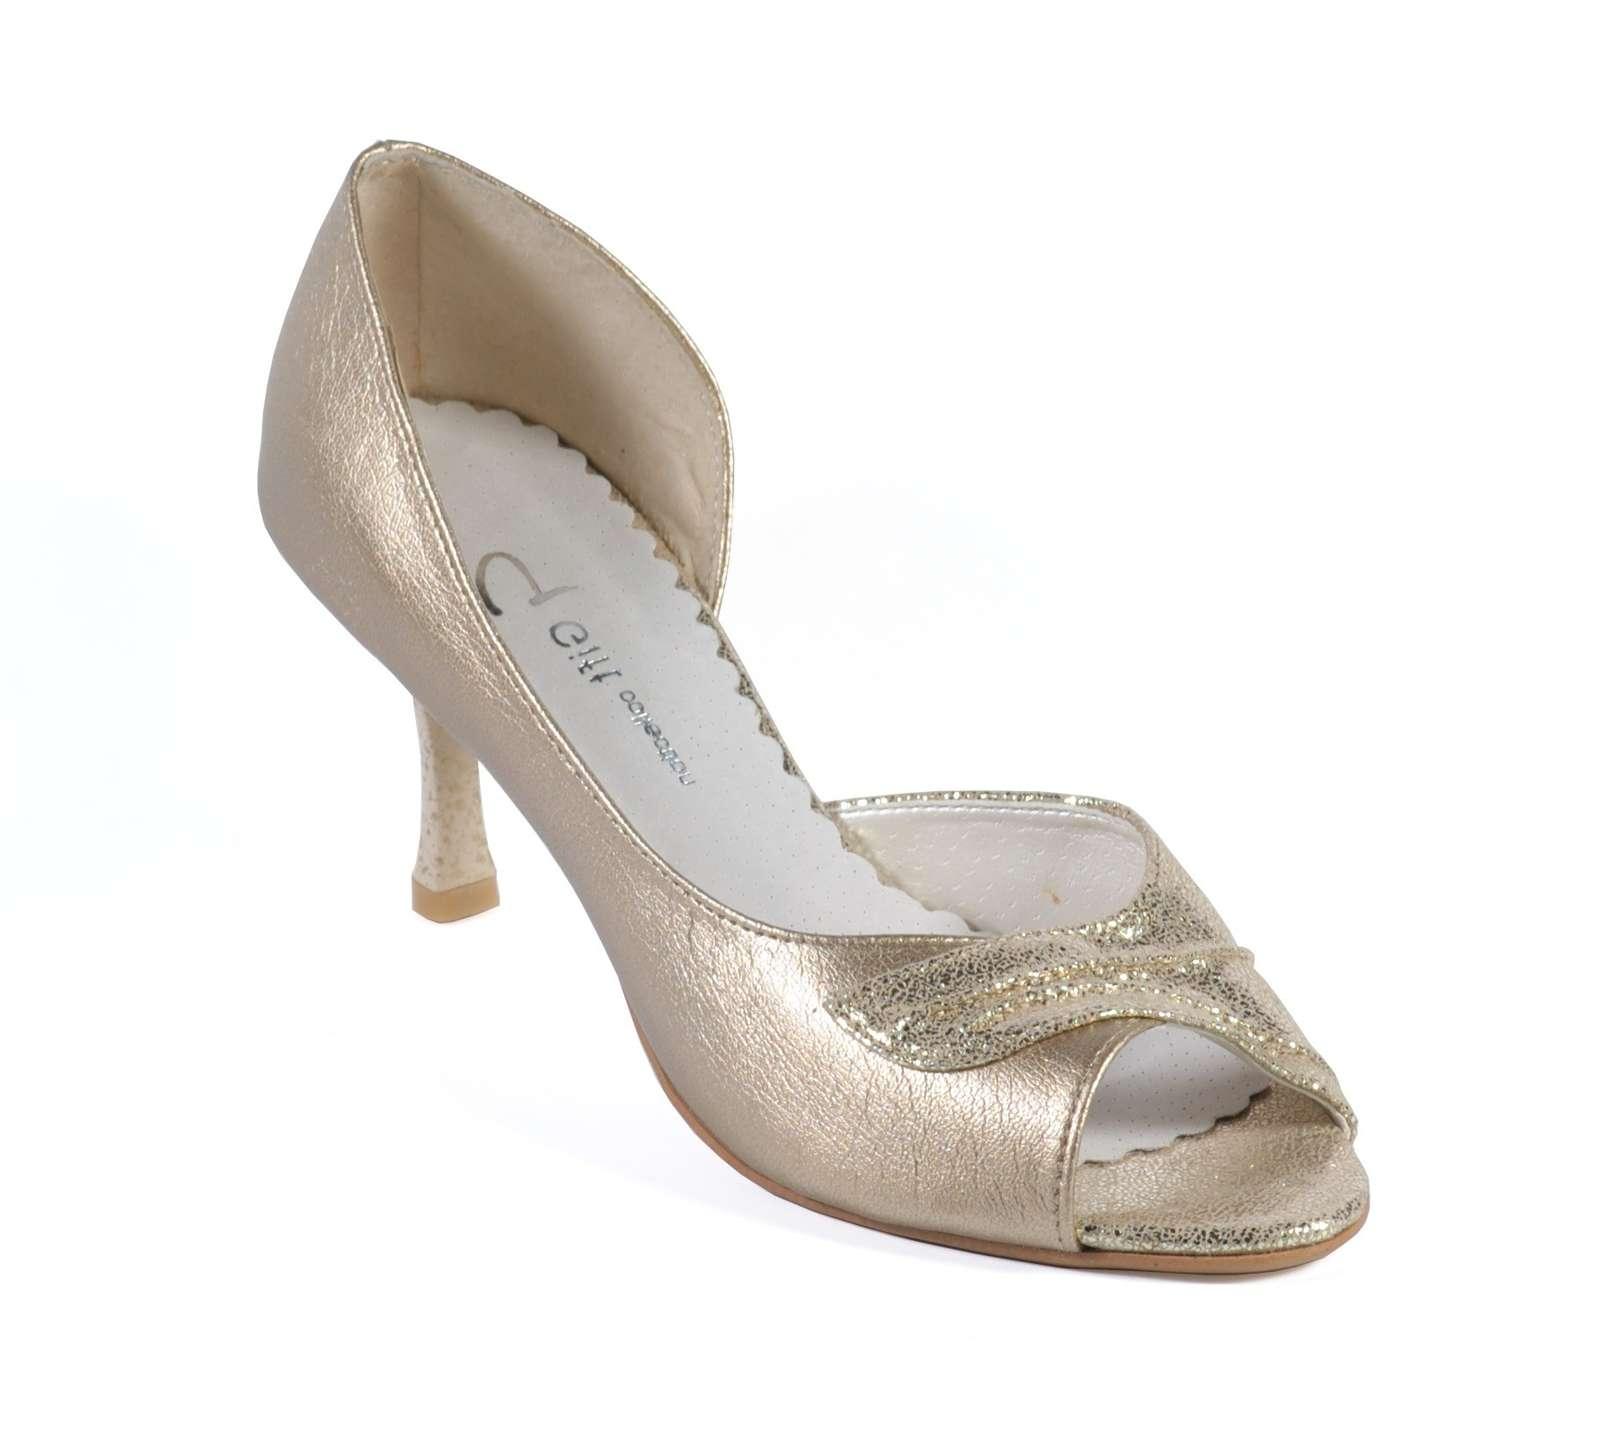 5414f4a0a7eb Topánky svadobné p-510 zlaté